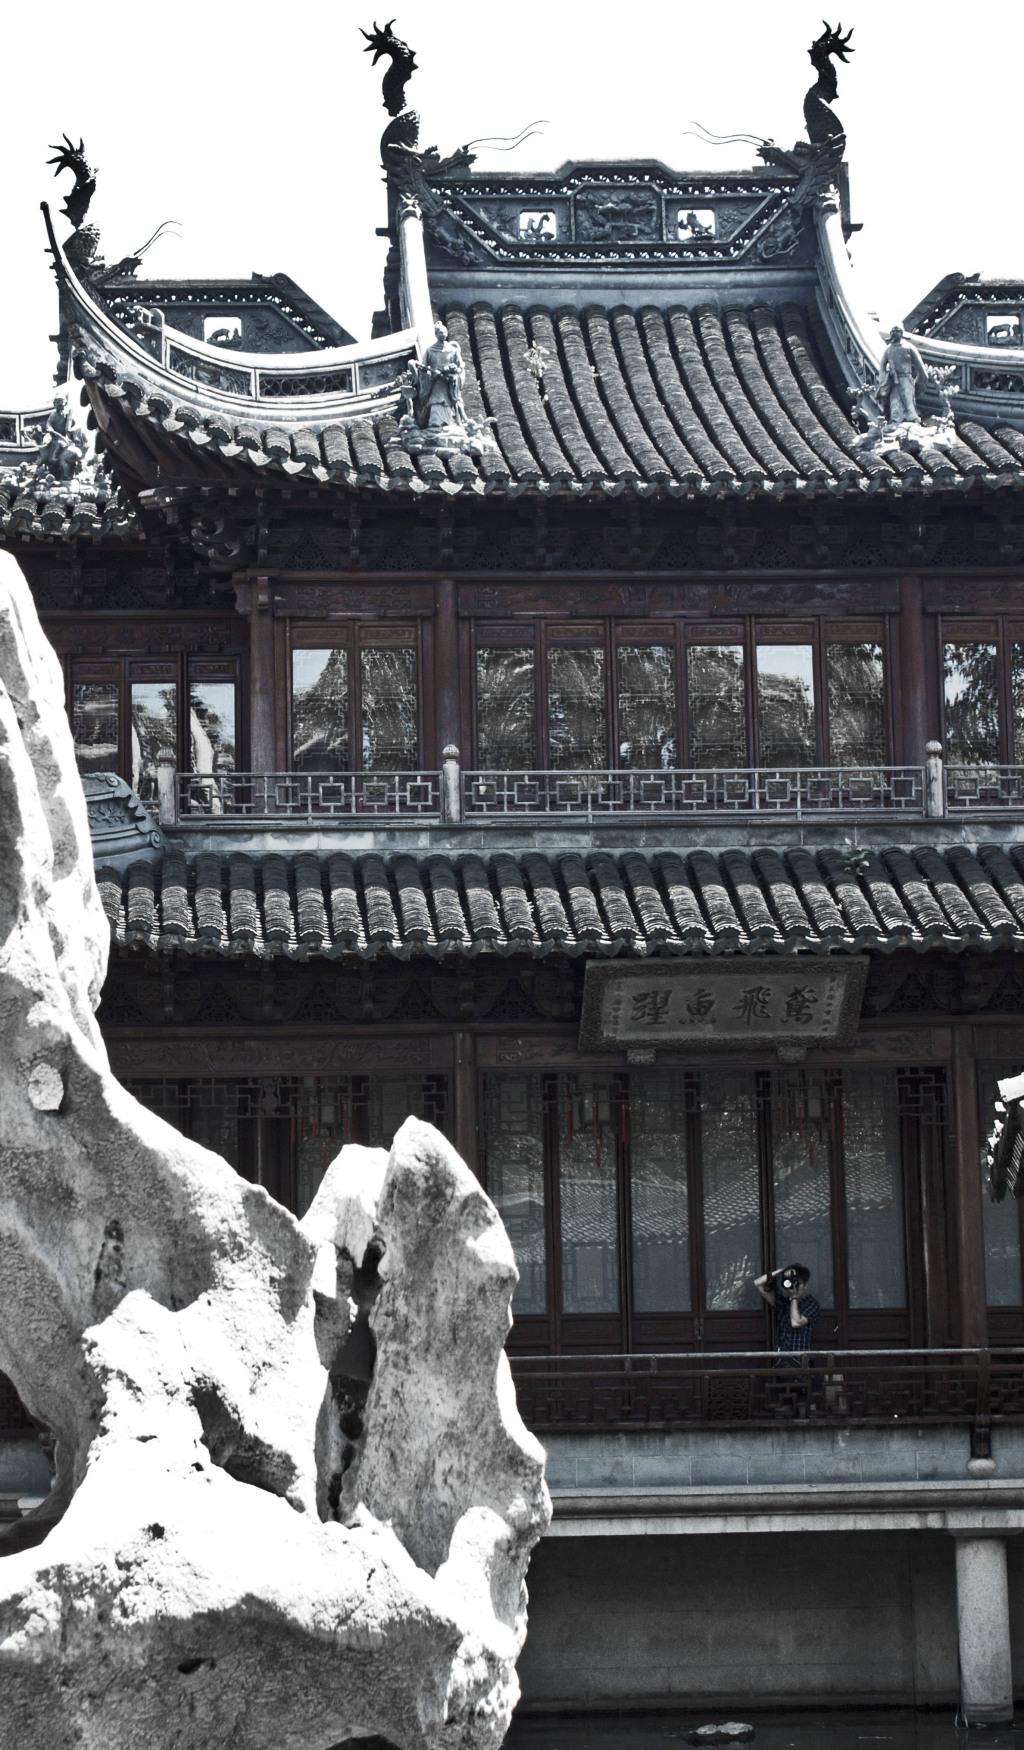 Shanghai, China 2012